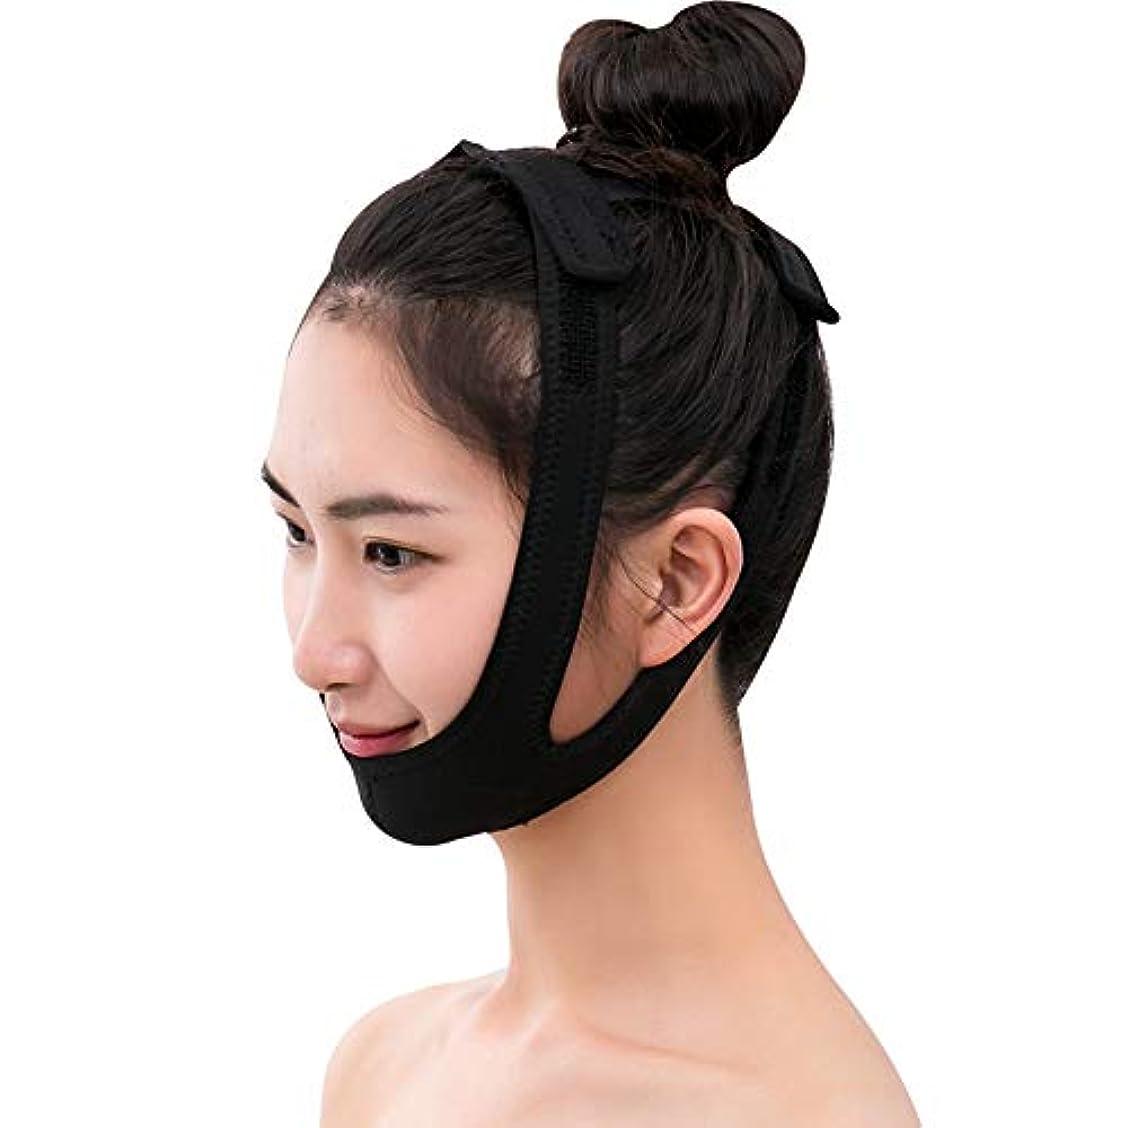 根絶する驚教育する薄いフェイスバンド - 薄い顔の包帯ビューティーインストゥルメントフェイシャルリフト睡眠マスク法Vフェイスマスクの通気性を作る 美しさ